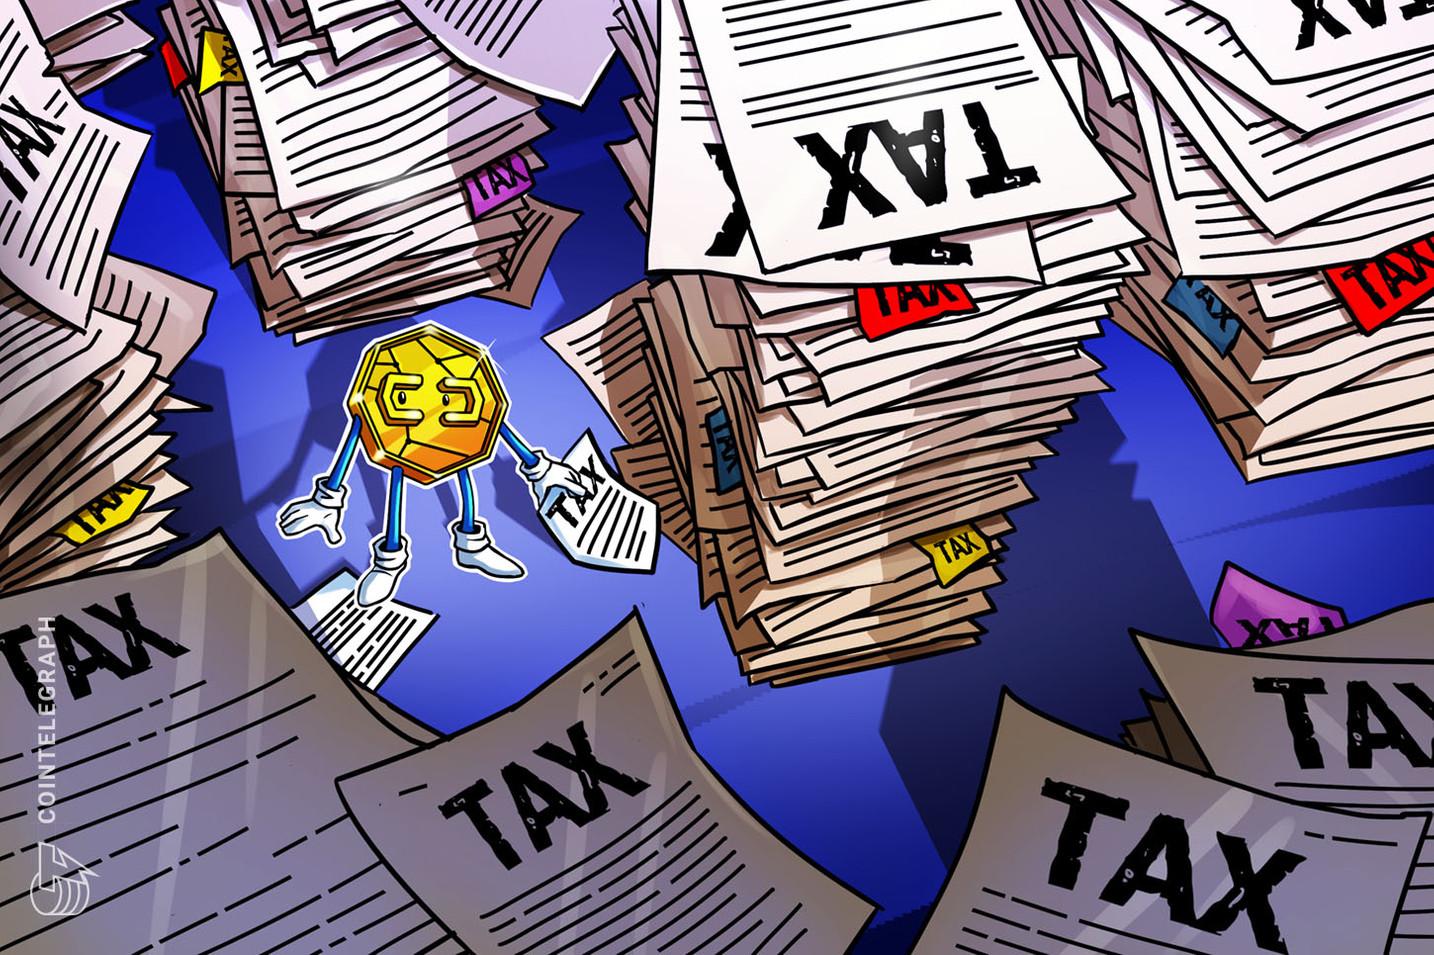 Senatoriai prideda kriptovaliutos mokesčius prie infrastruktūros sandorio, kad padidintų 28 mlrd